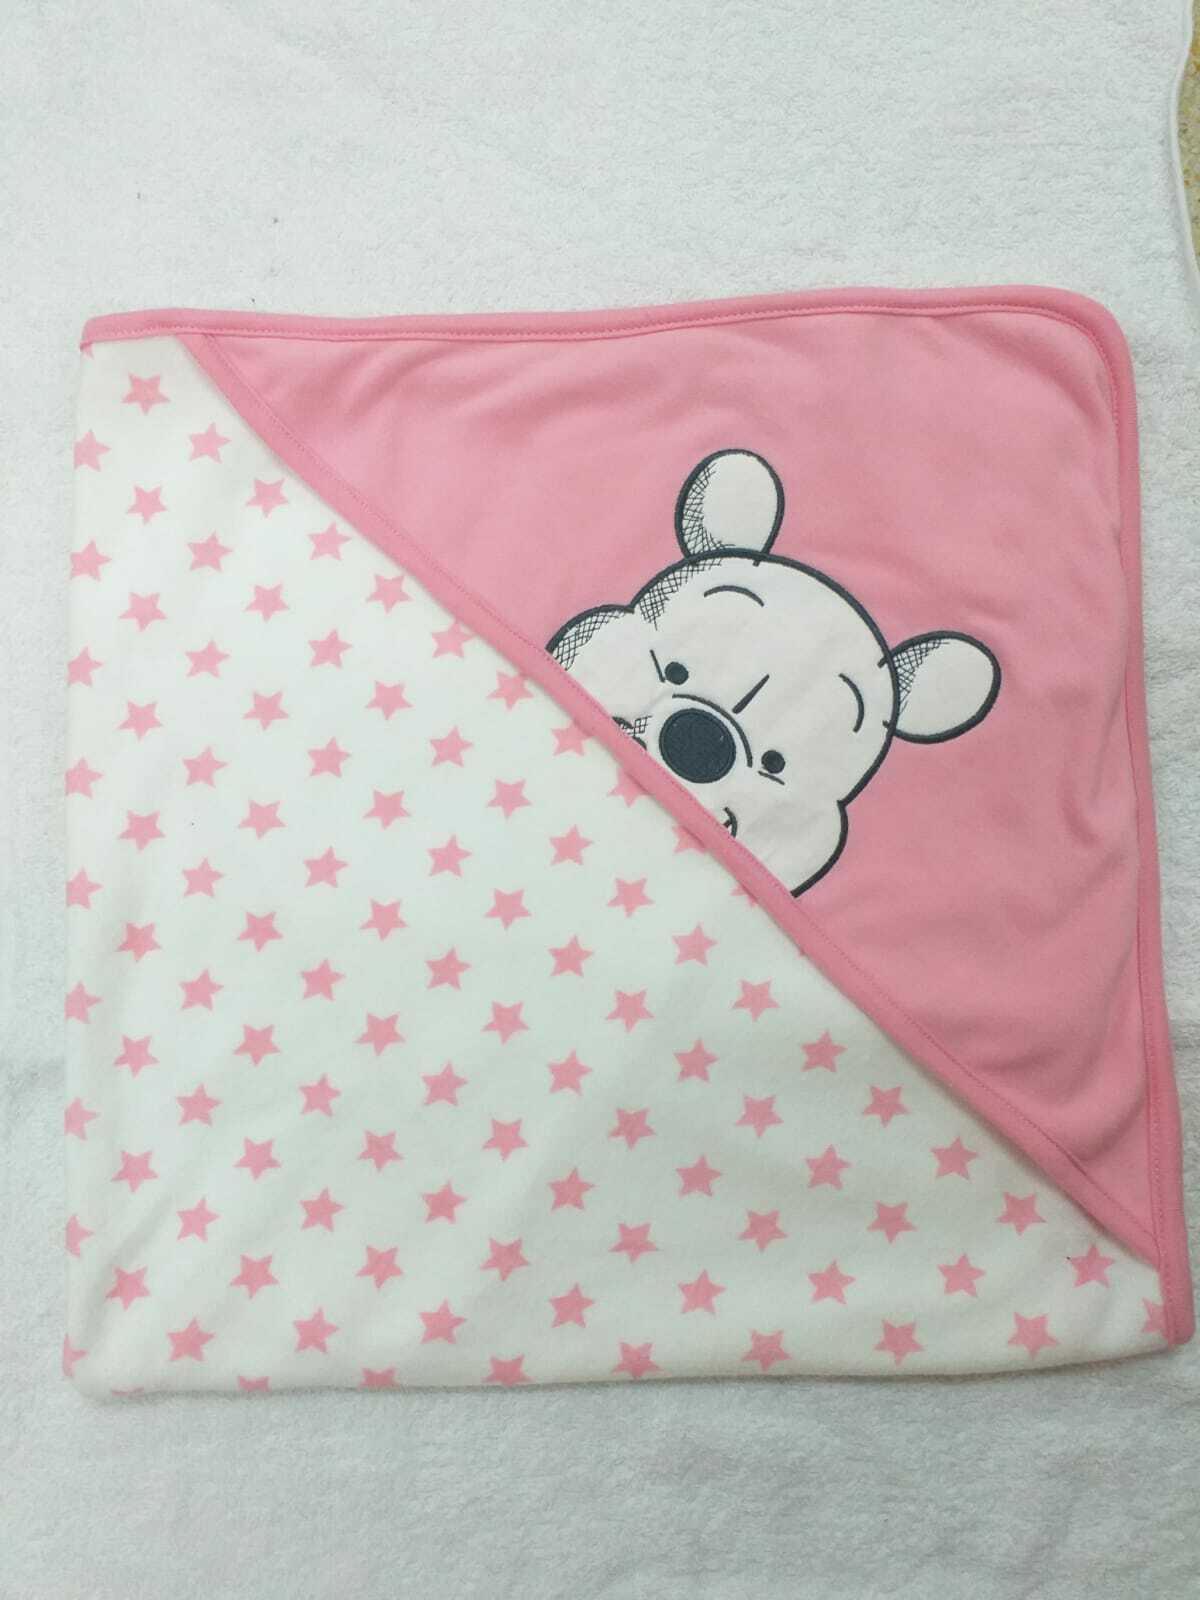 Winnie Pooh Kapuzenhandtuch Handtuch Badetuch Baby Kinder Farbwahl